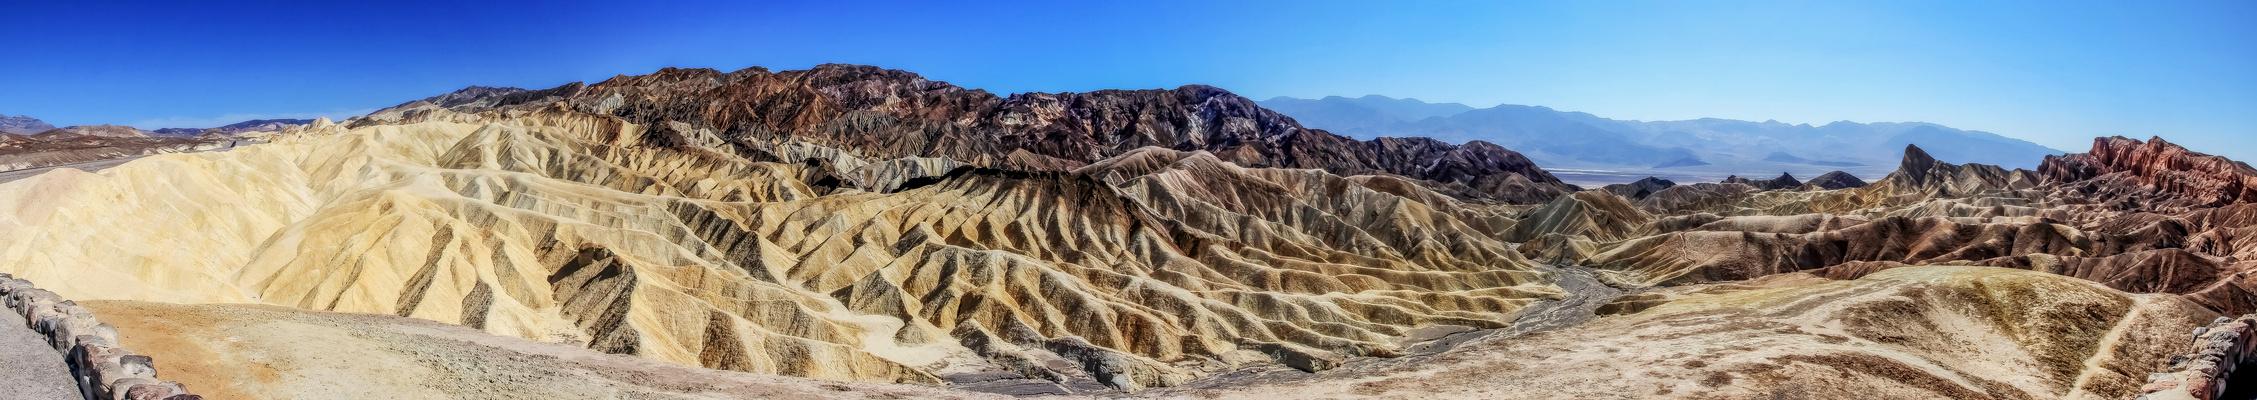 Zabriskie Point/ Death Valley II